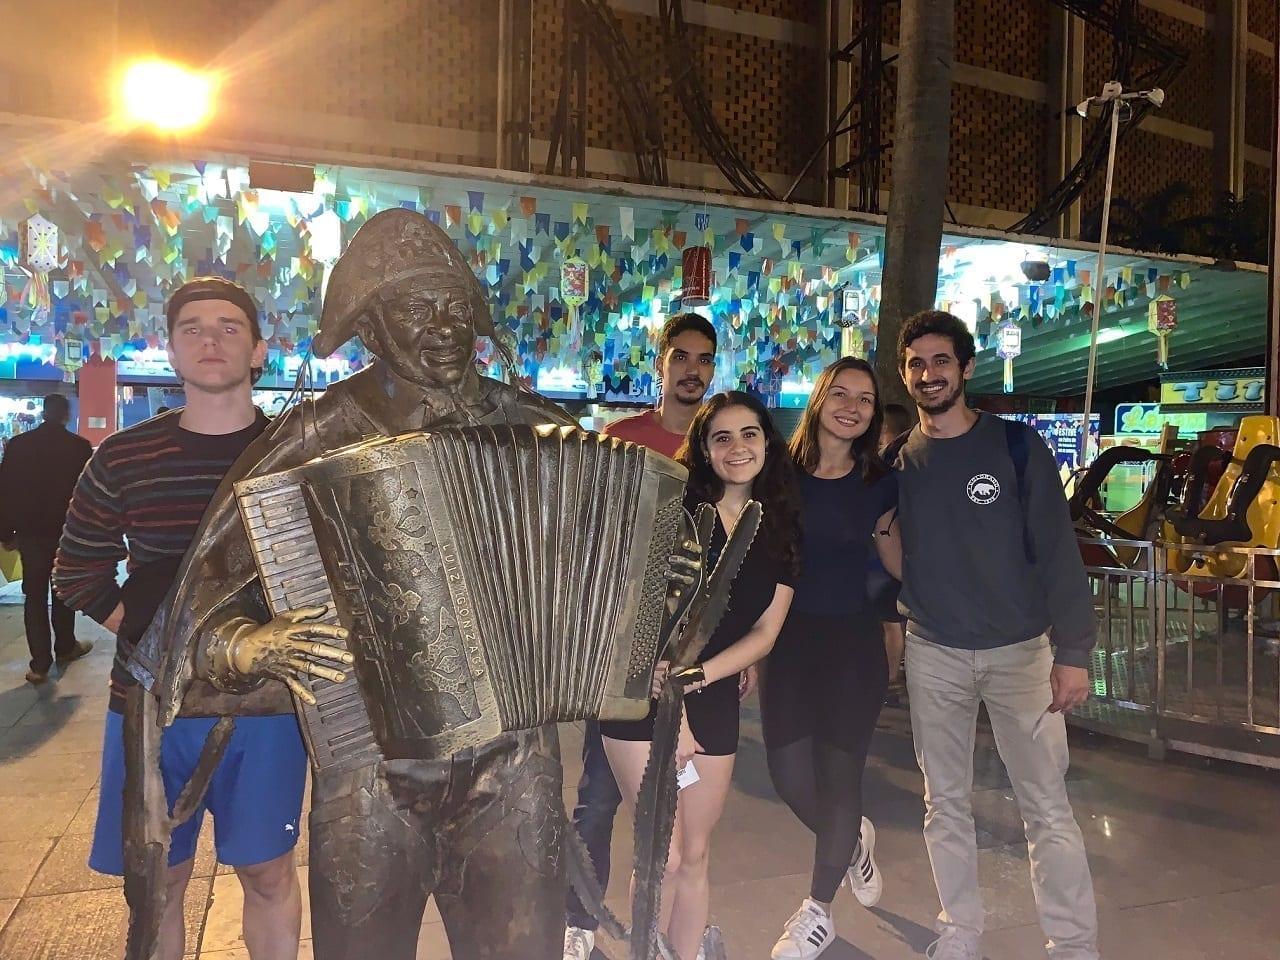 Viernes Noche con amigos en la Feria de San Cristóbal con la estátua de Luiz Gonzaga.